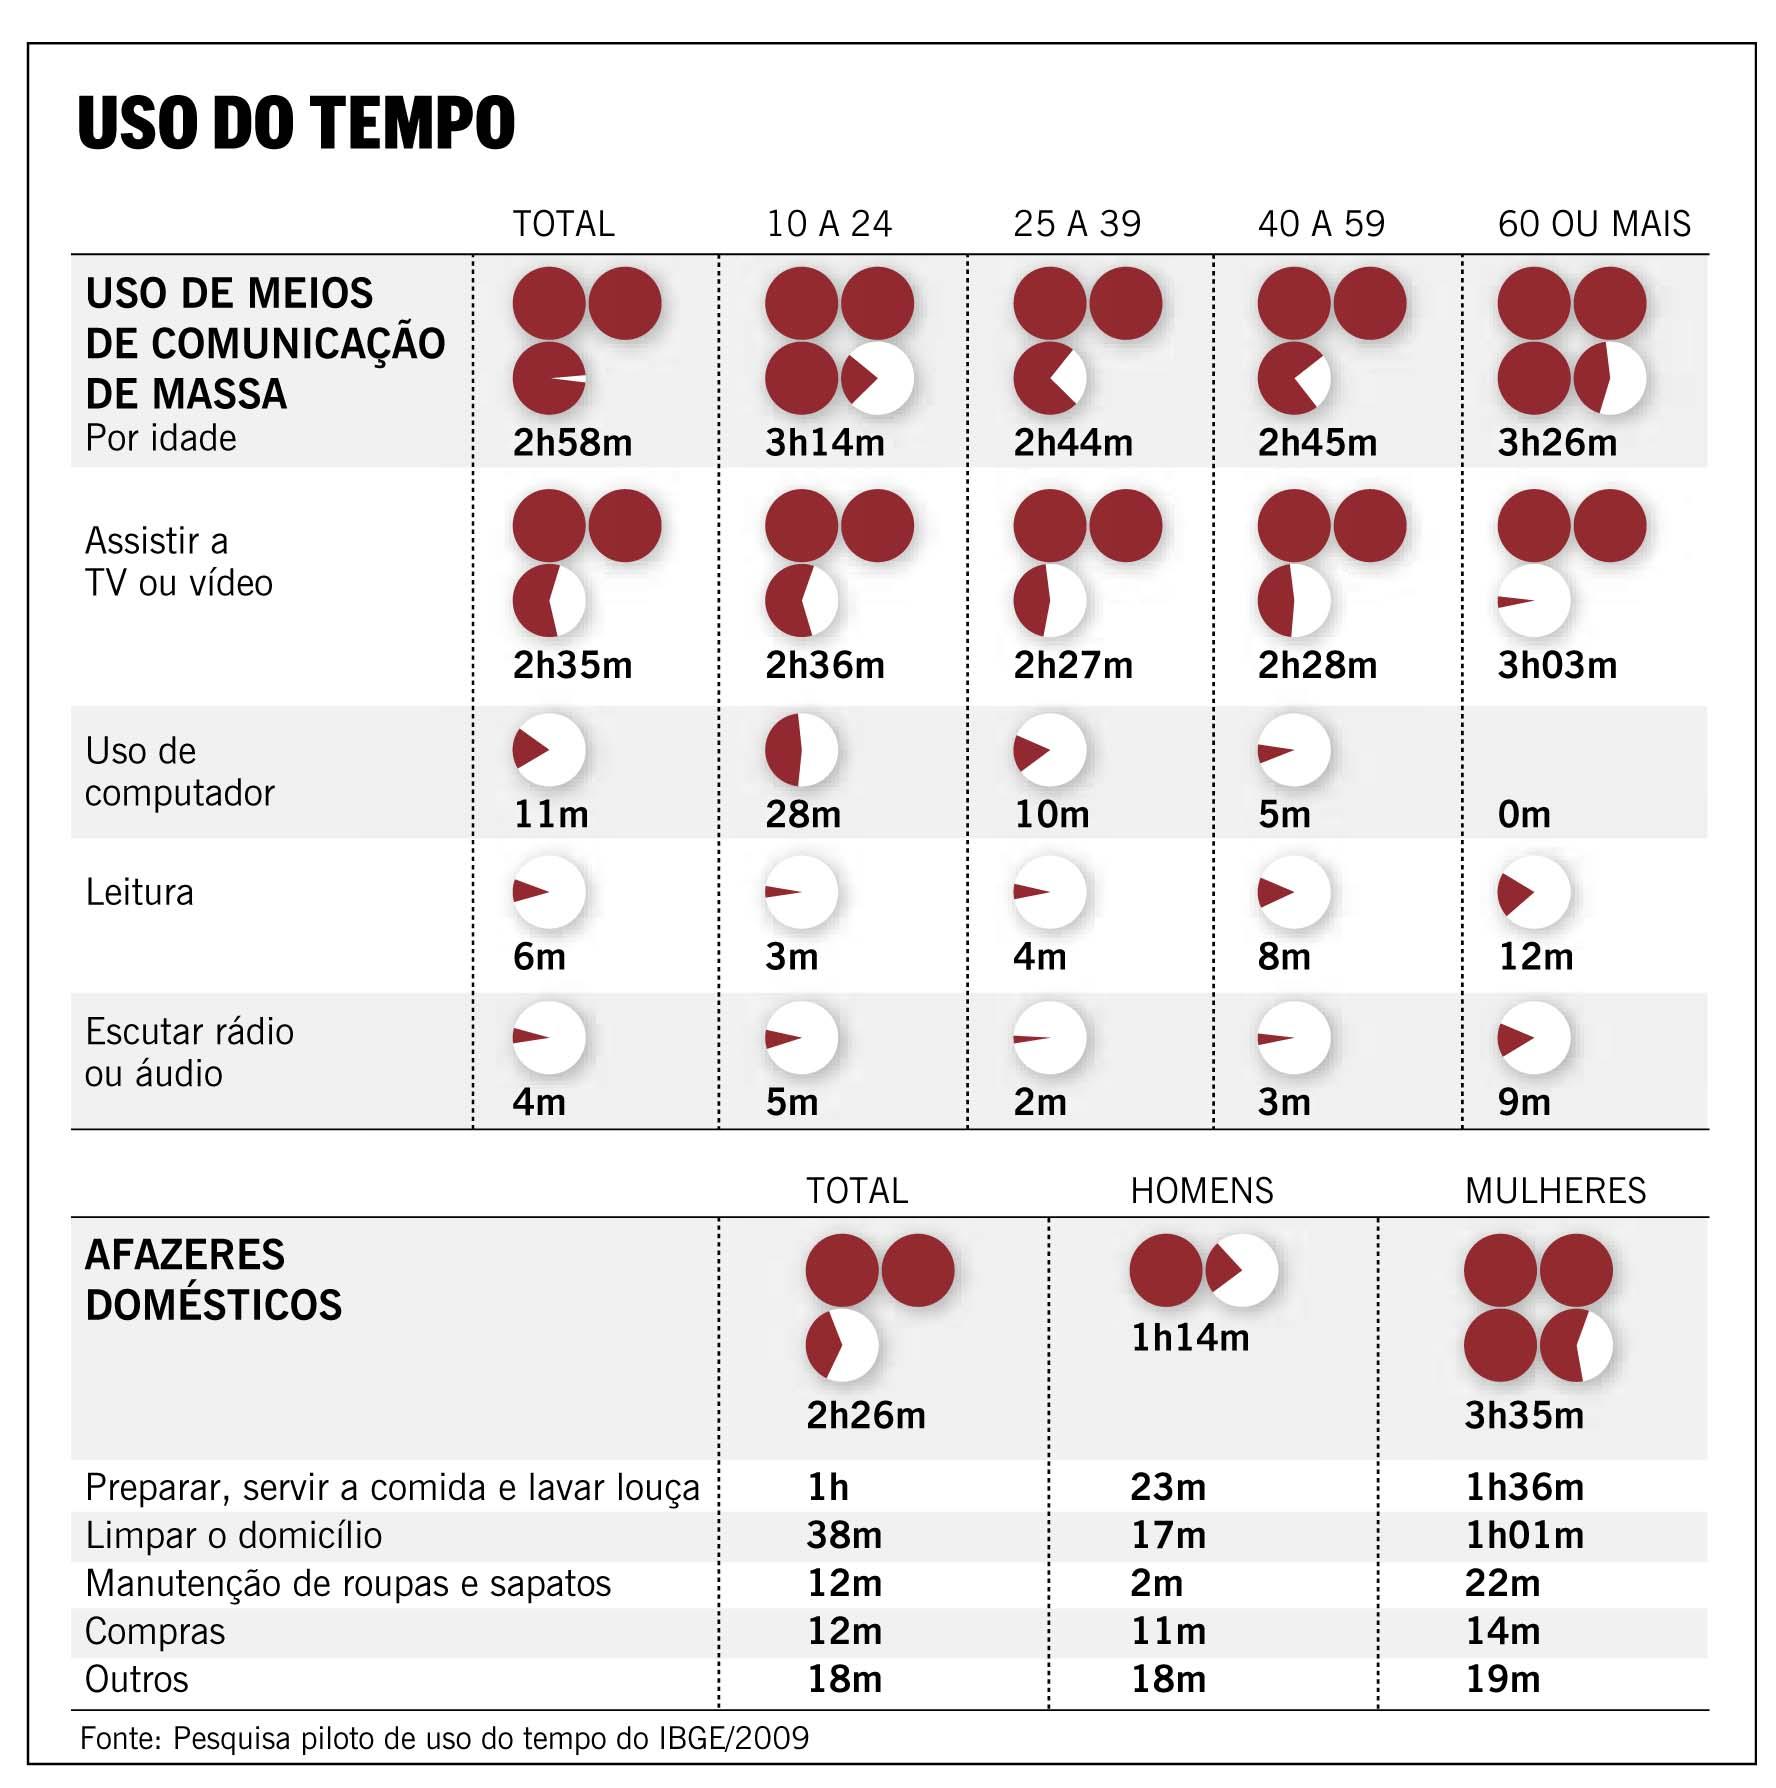 tempo2-oglobo09-08-2013